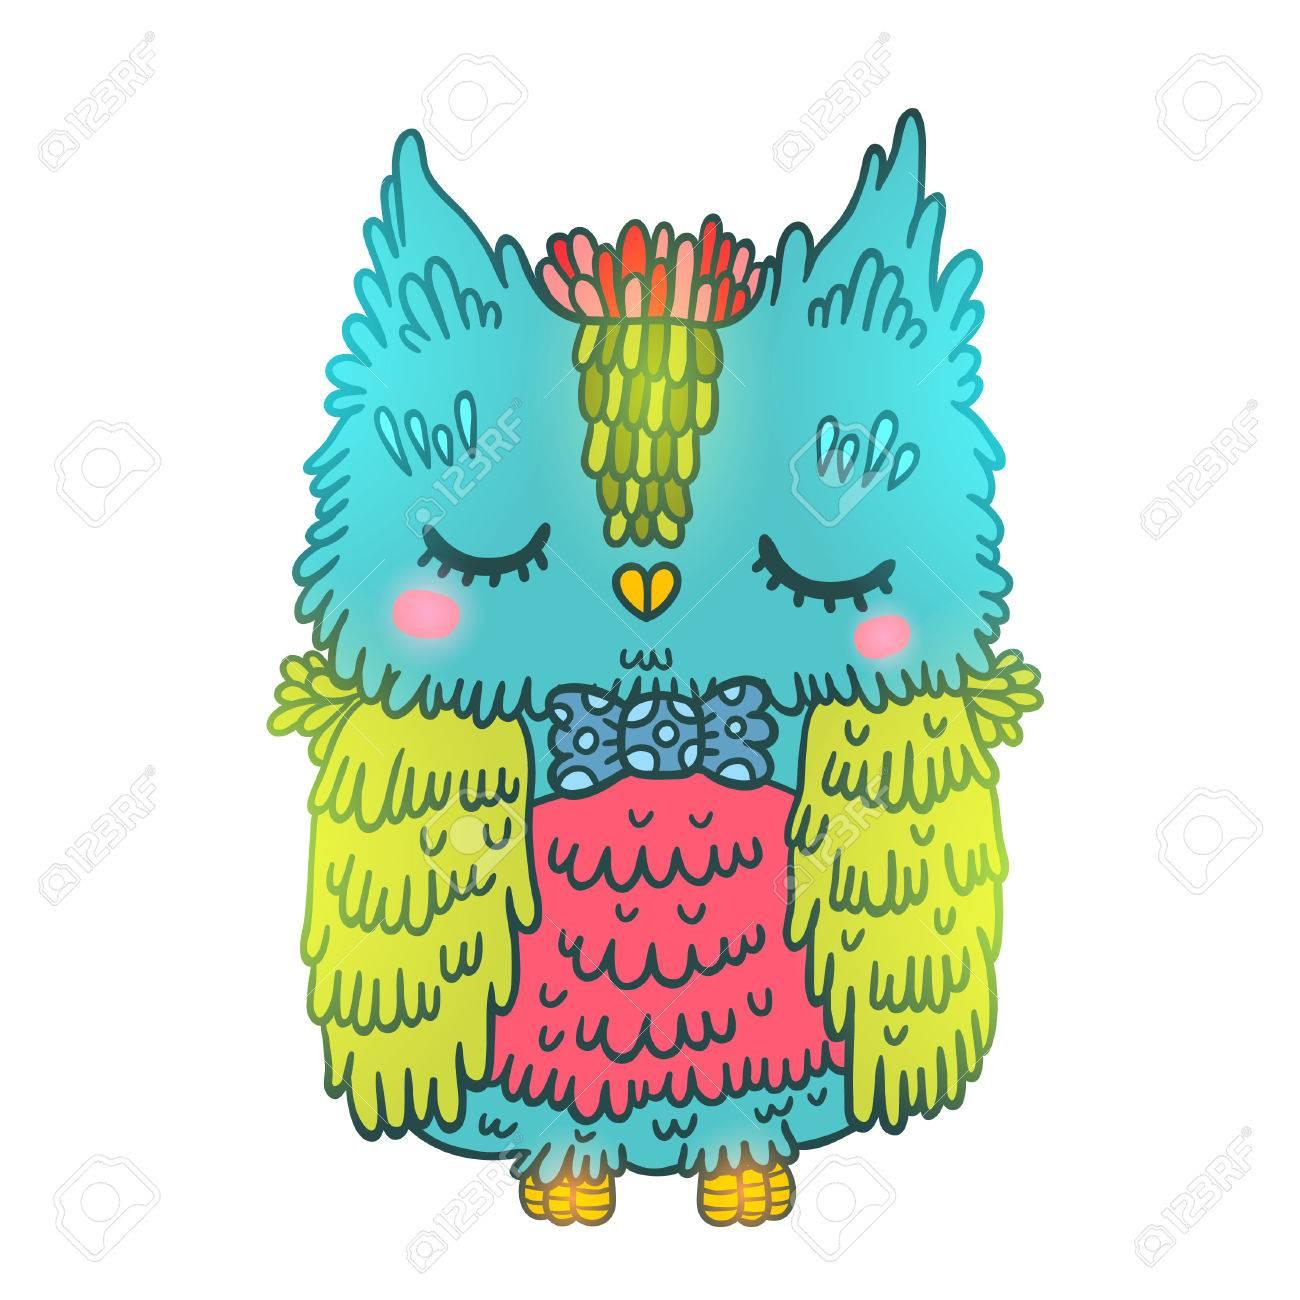 かわいい漫画のカラフルなフクロウ。動物イラスト ロイヤリティフリー